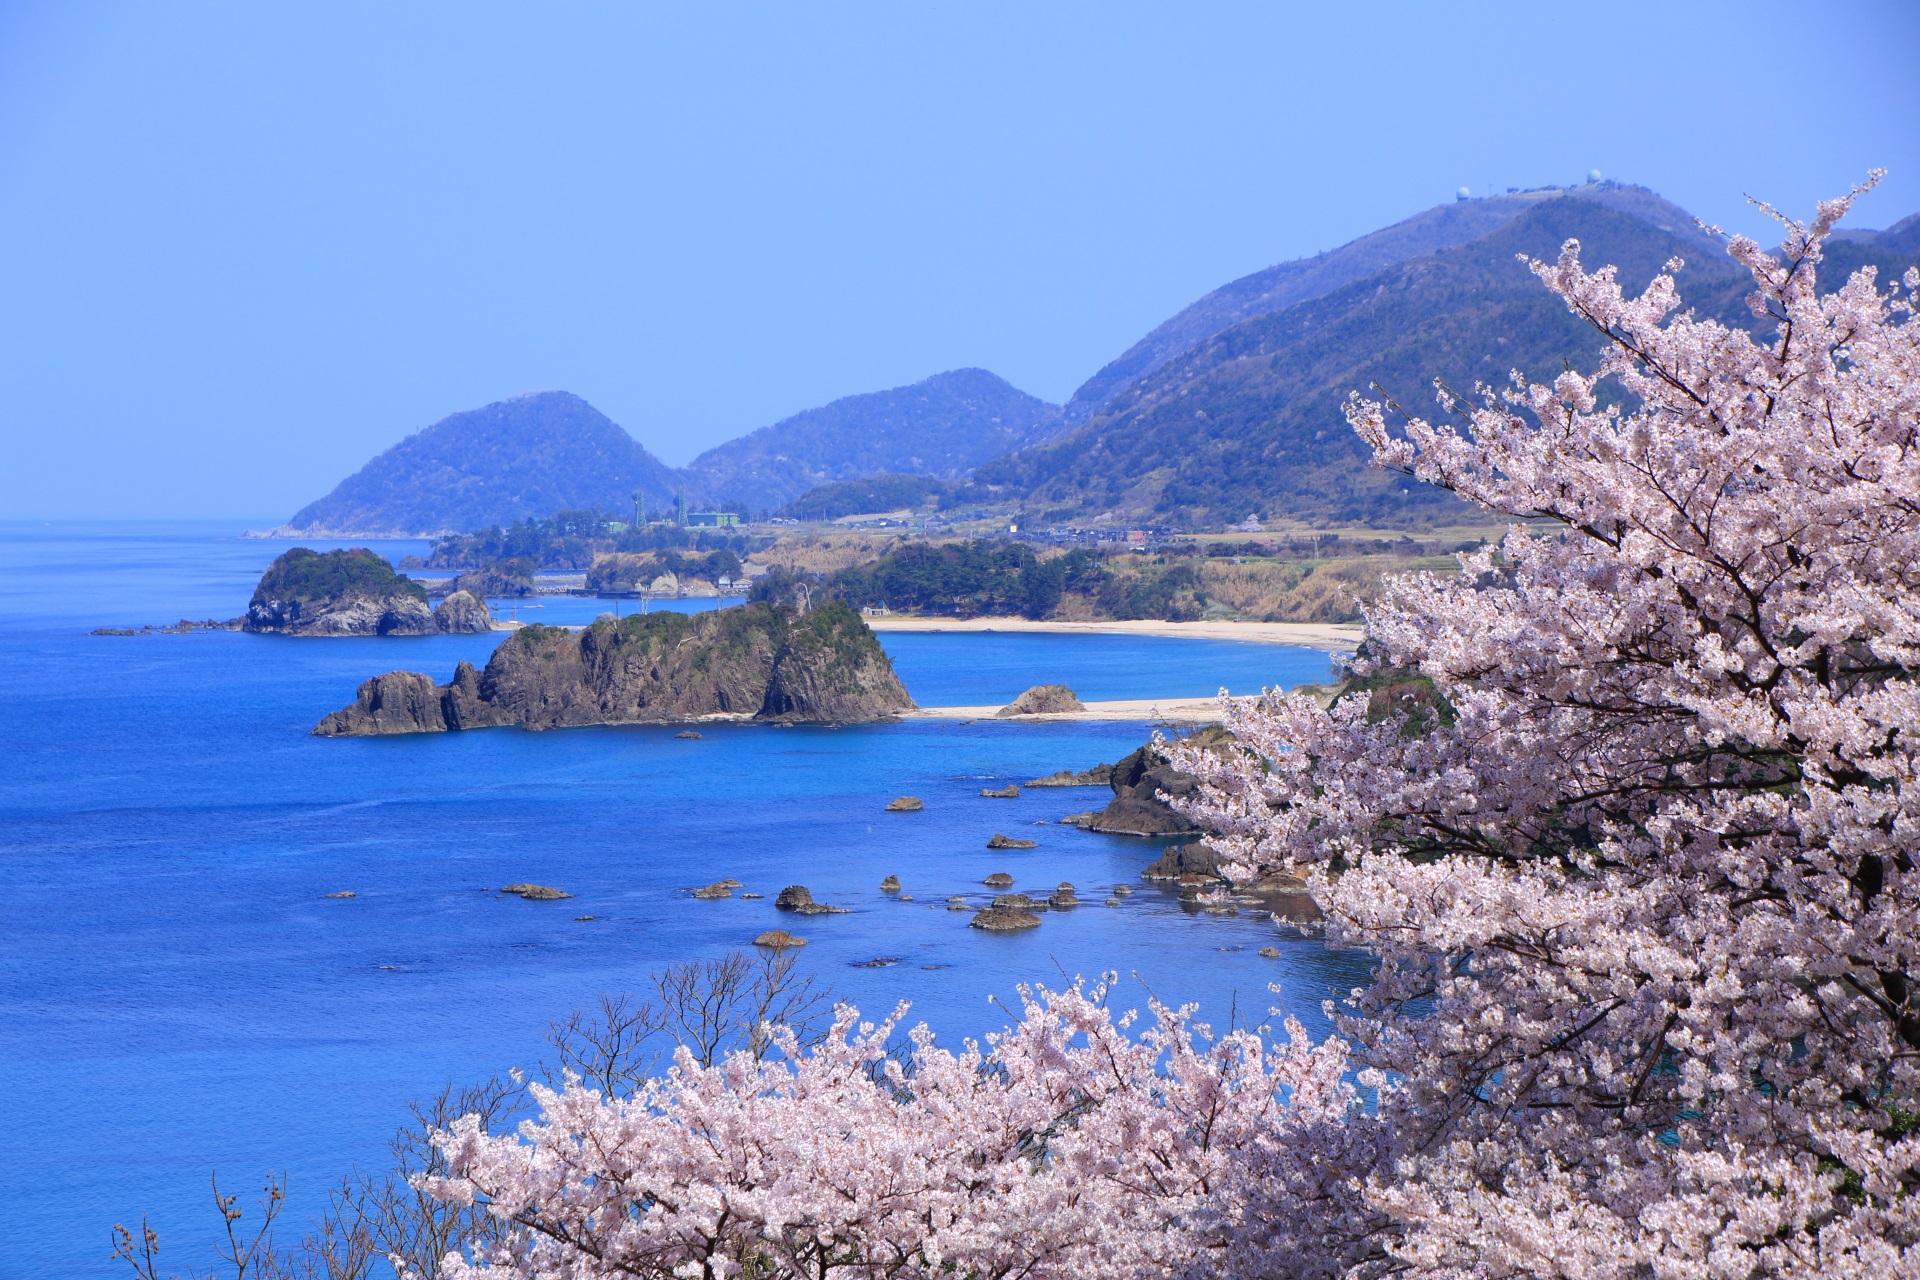 桜が加われば言葉を失う見事な景色となる丹後松島